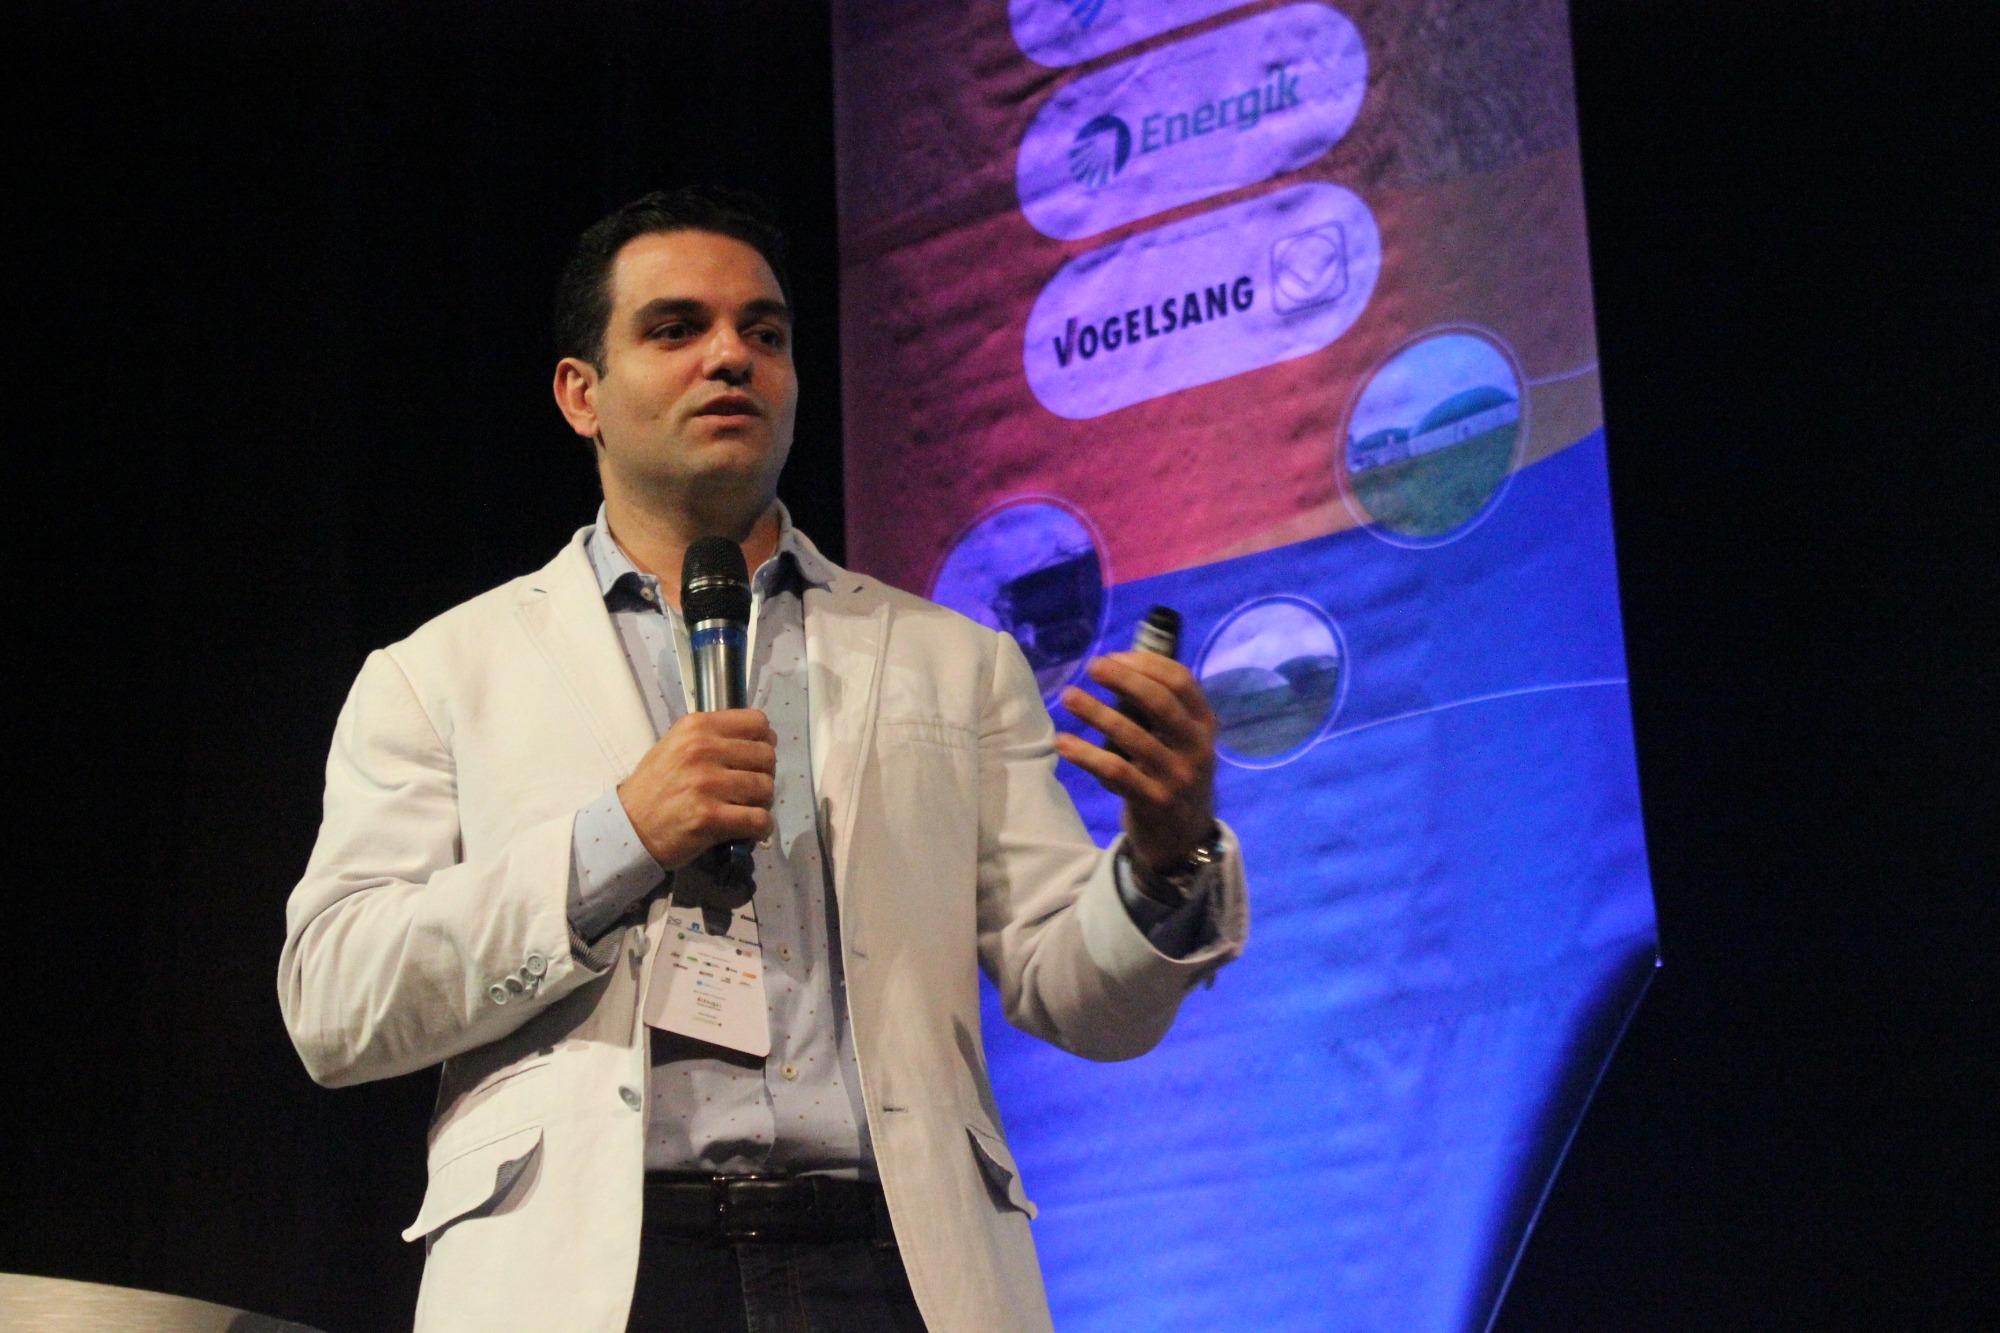 Rodrigo Regis, da CIBiogás, fala sobre as vantagens do biogás na integração com o setor elétrico